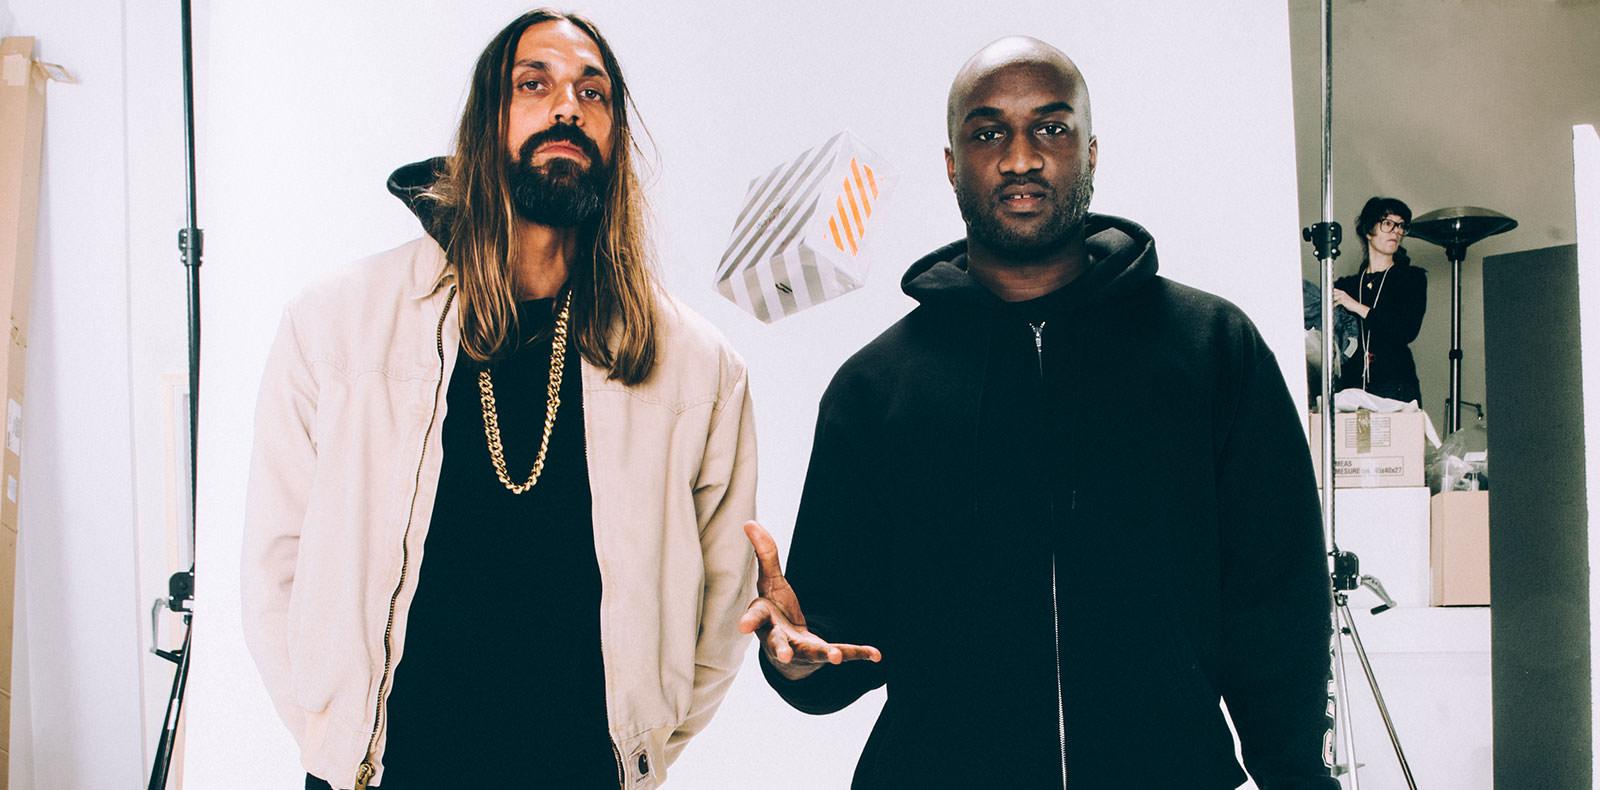 Exclusif : Virgil Abloh et Ben Gorham nous parle de leur collaboration Off-White x Byredo